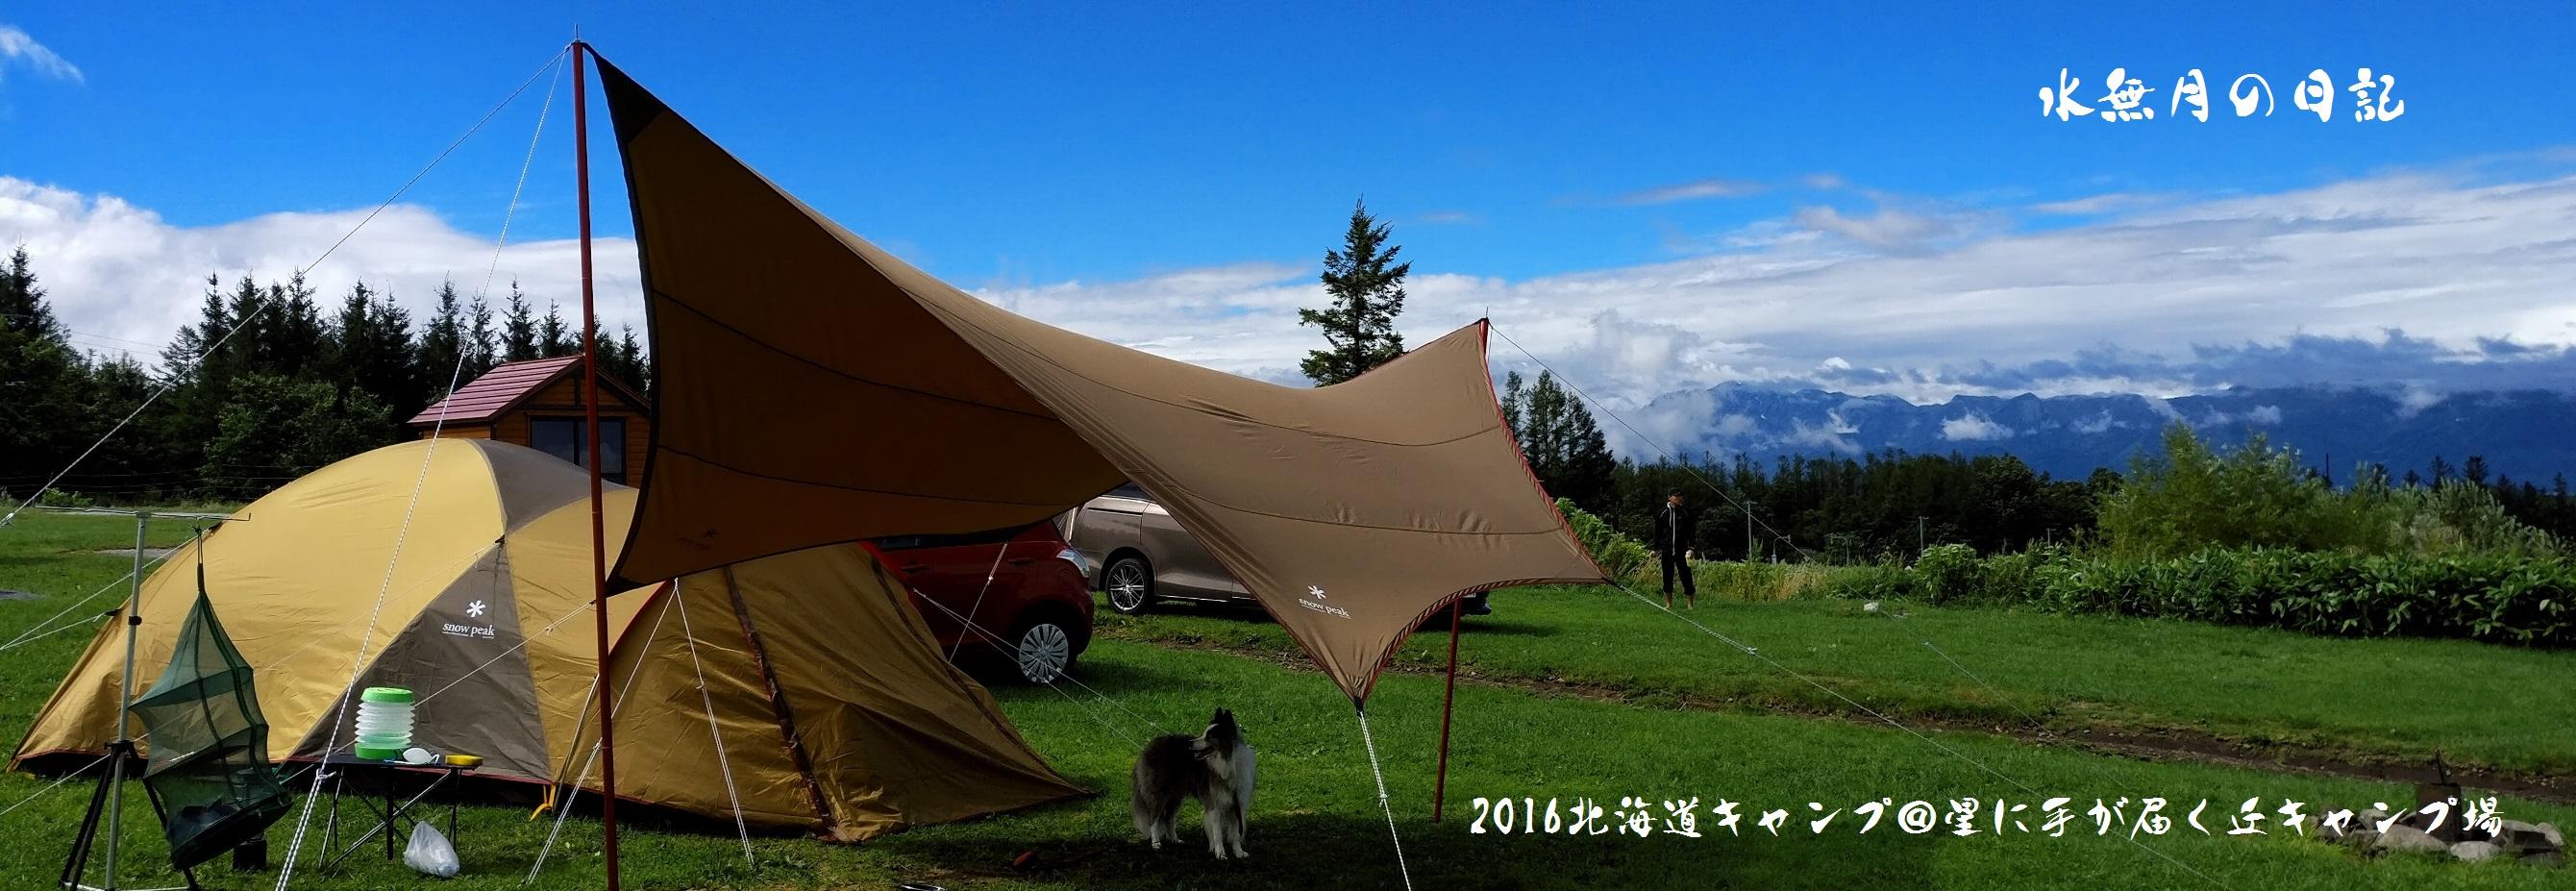 2016北海道キャンプ